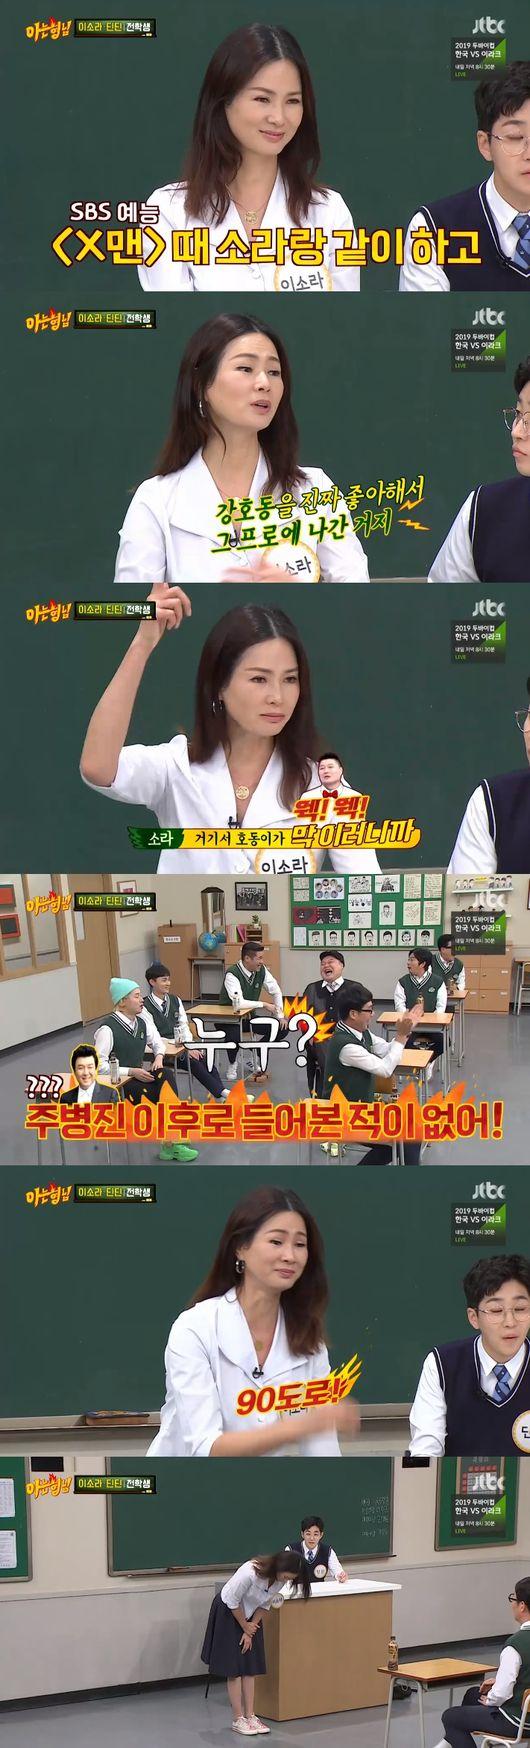 '아는 형님' 이소라x딘딘, 입담+끼 대방출→ 펭수 JTBC 입성 [종합]